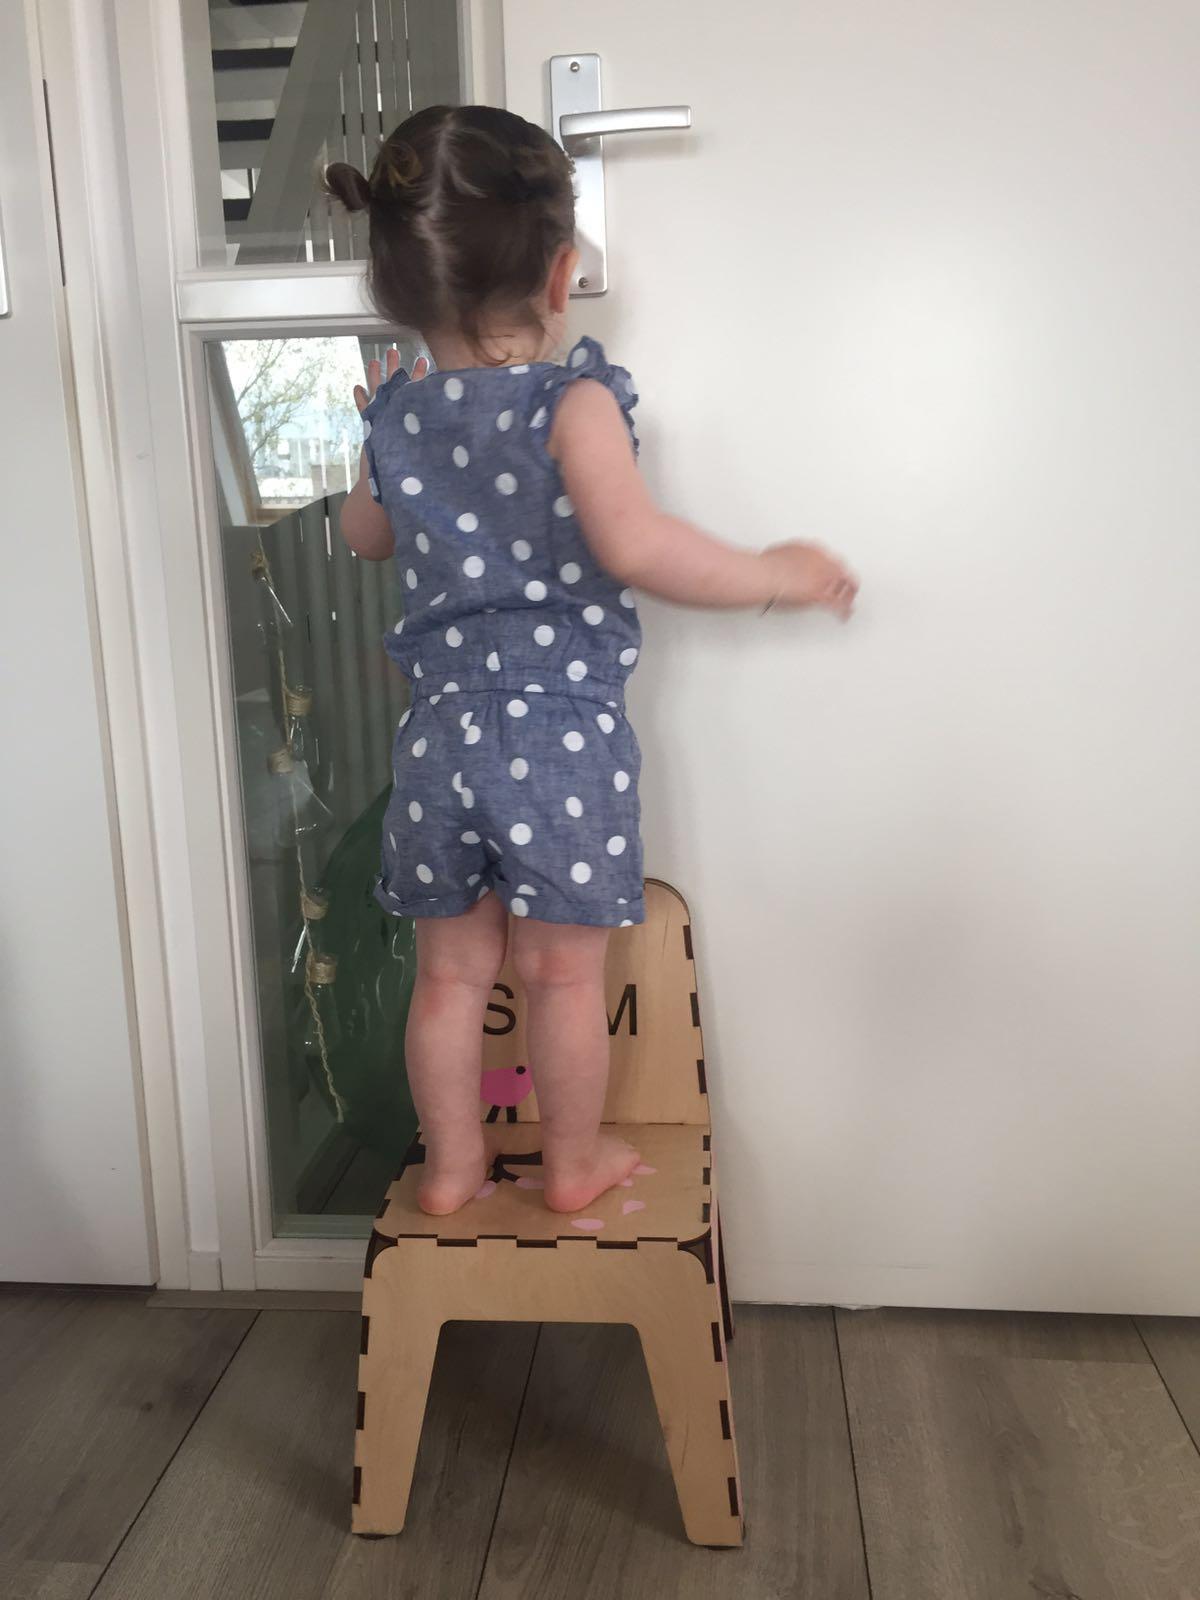 4-16-atelier-vix-stoeltje-diy-knutselen-zelf-stoel-verven-voorbeeld-nanny-moeder-creatief-klik-klak-stoeltje-staan